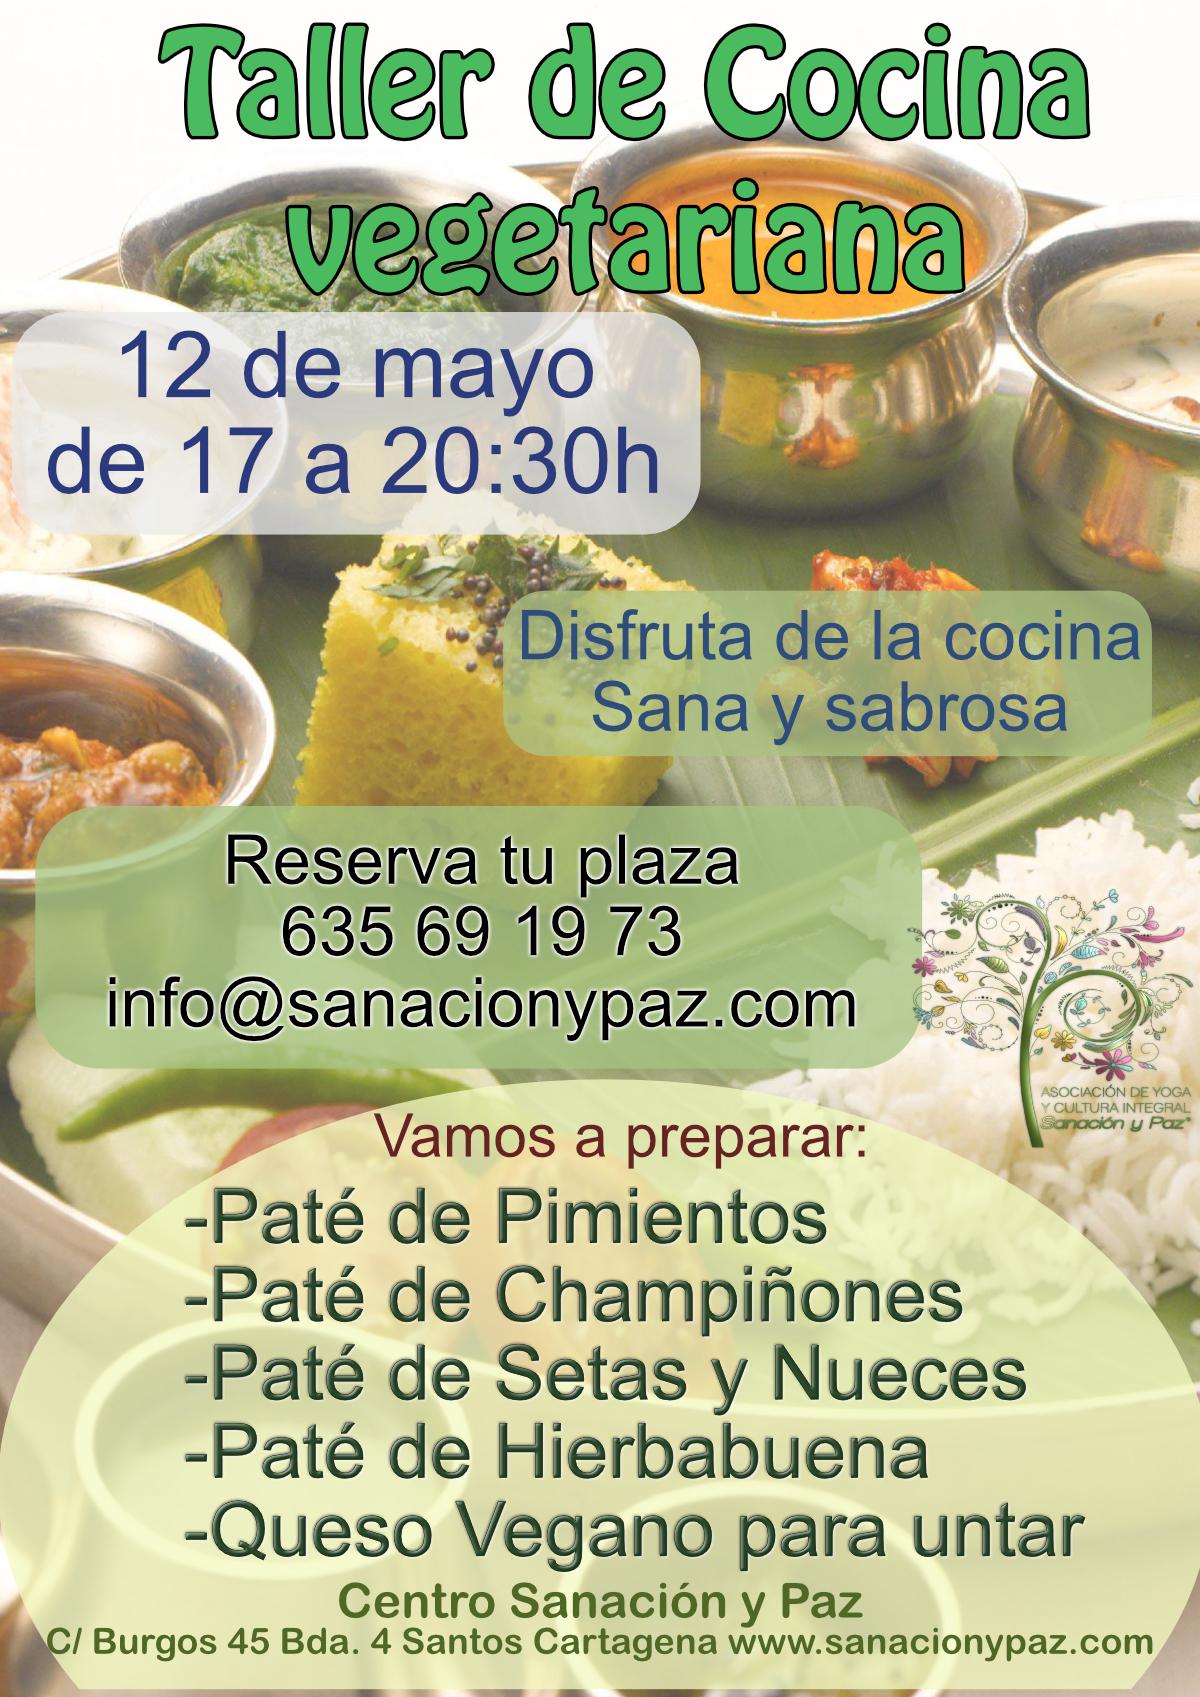 taller de cocina patés